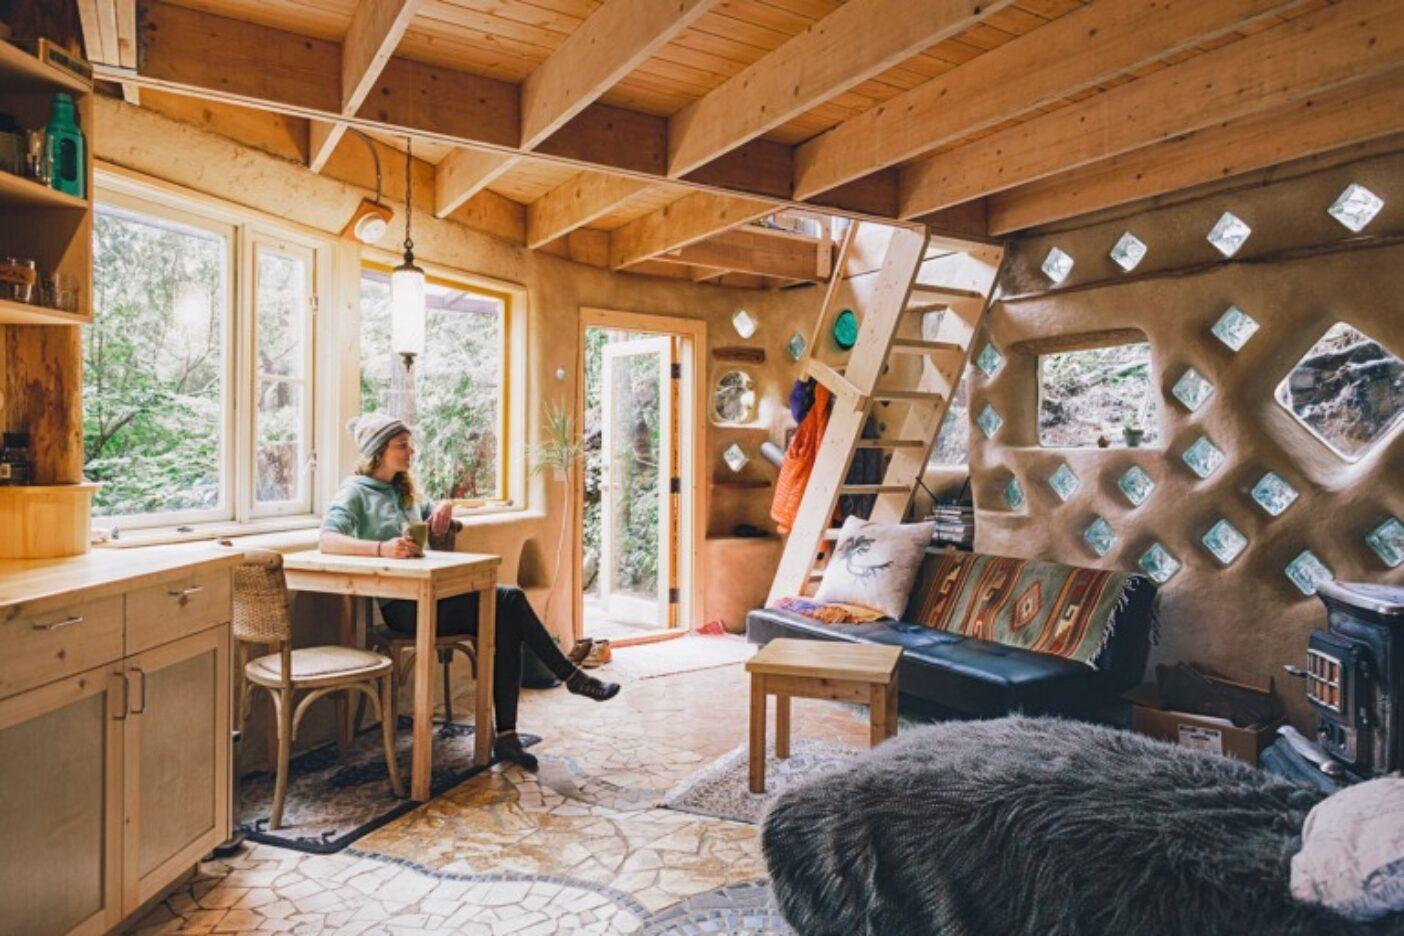 自分の家のように安全で、やさしい存在になろう。ブリティッシュコロンビア州ユクルーレットに近い40平方メートル弱のコブハウスの自宅で、マリーは「Westcoast Triple Plank」のアイデアを練る。それは彼女が毎年5月に主催するサーフボード、スケートボード、スノーボードを通じた募金活動で、収益金はセントラル・ウエストコースト森林協会に寄付される。Photo: Graeme Owsianski